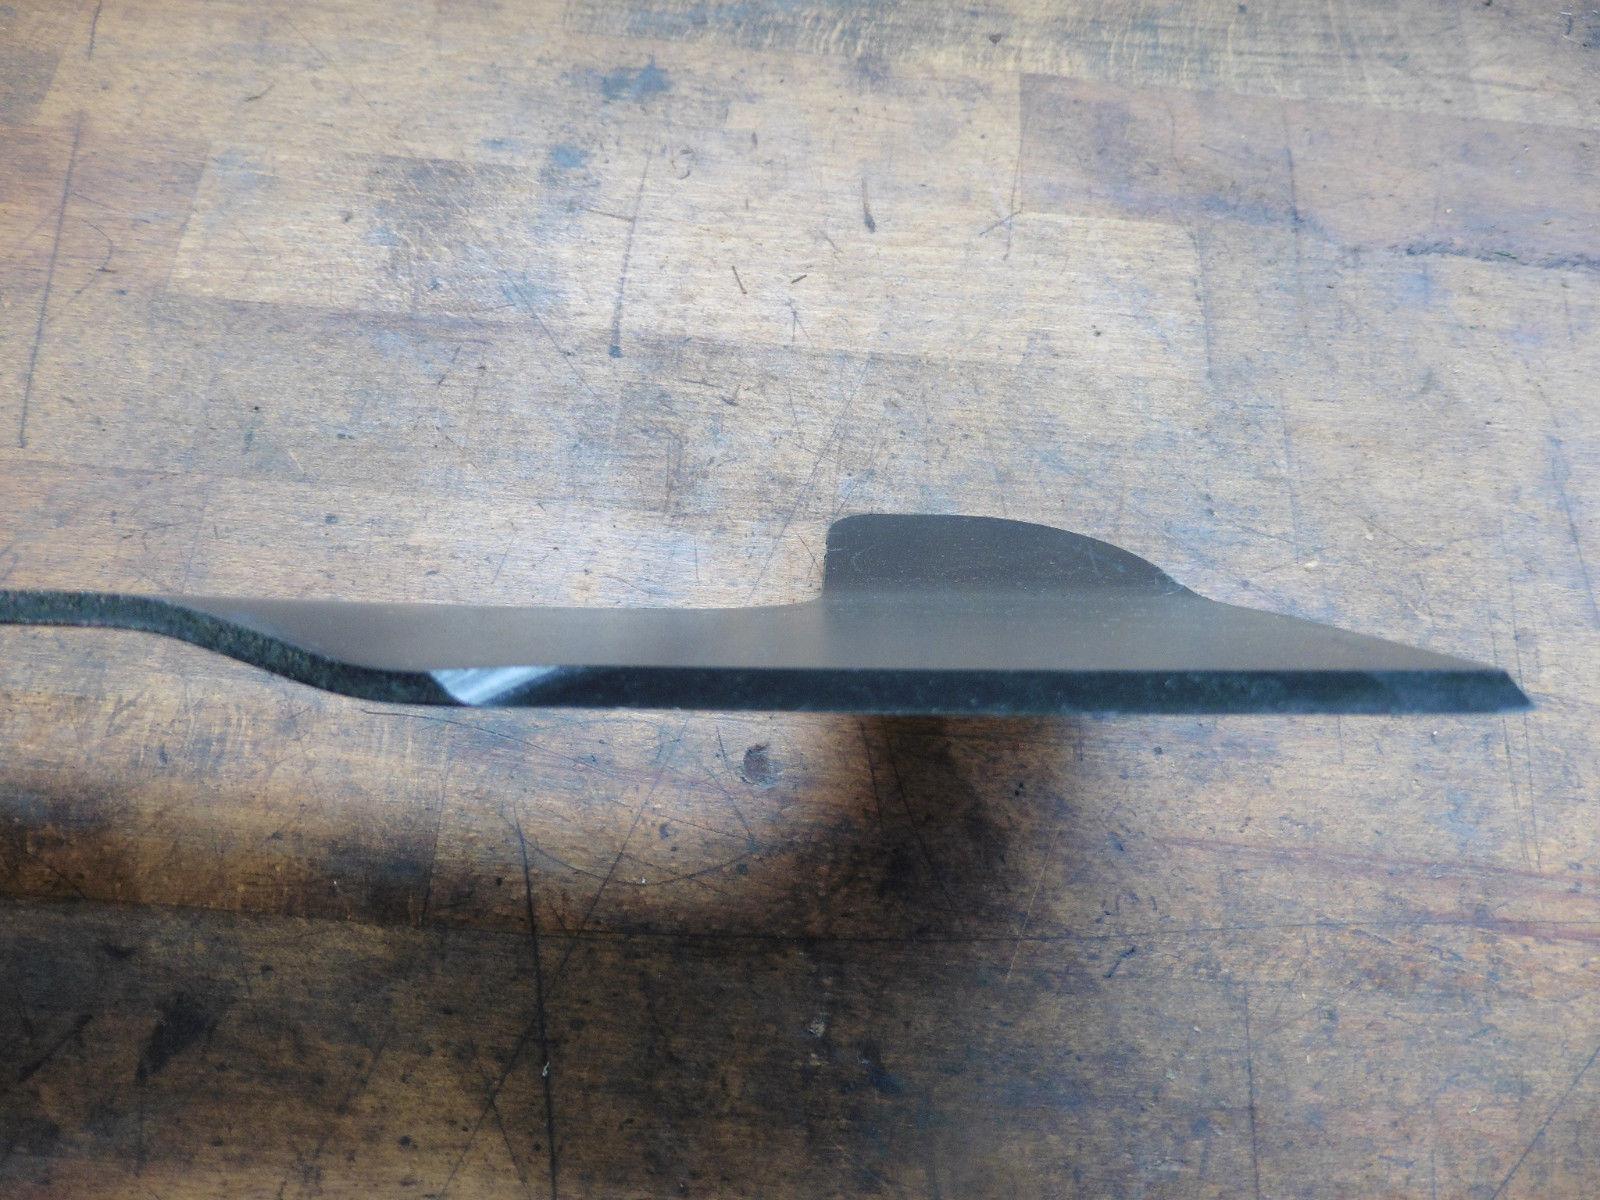 kingkong 6-blade cw ccw propeller 5 zentimeter requisiten 5x4x6 für rc drohne